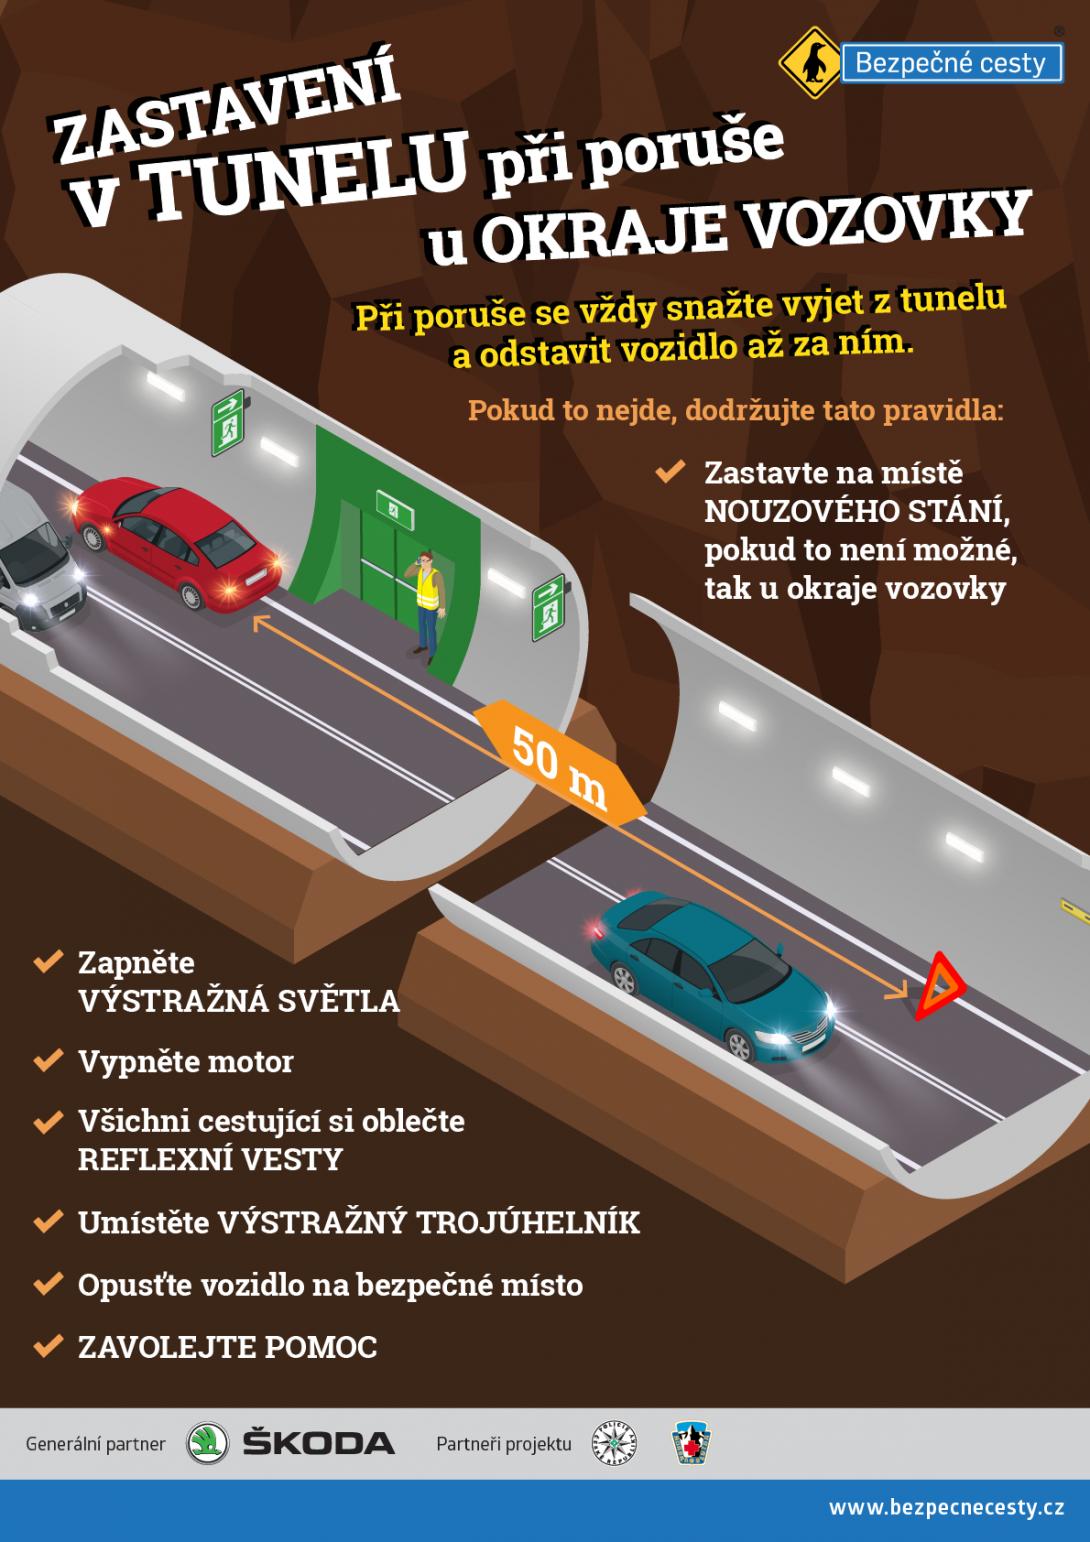 Zastavení v tunelu při poruše na kraji vozovky - infografika